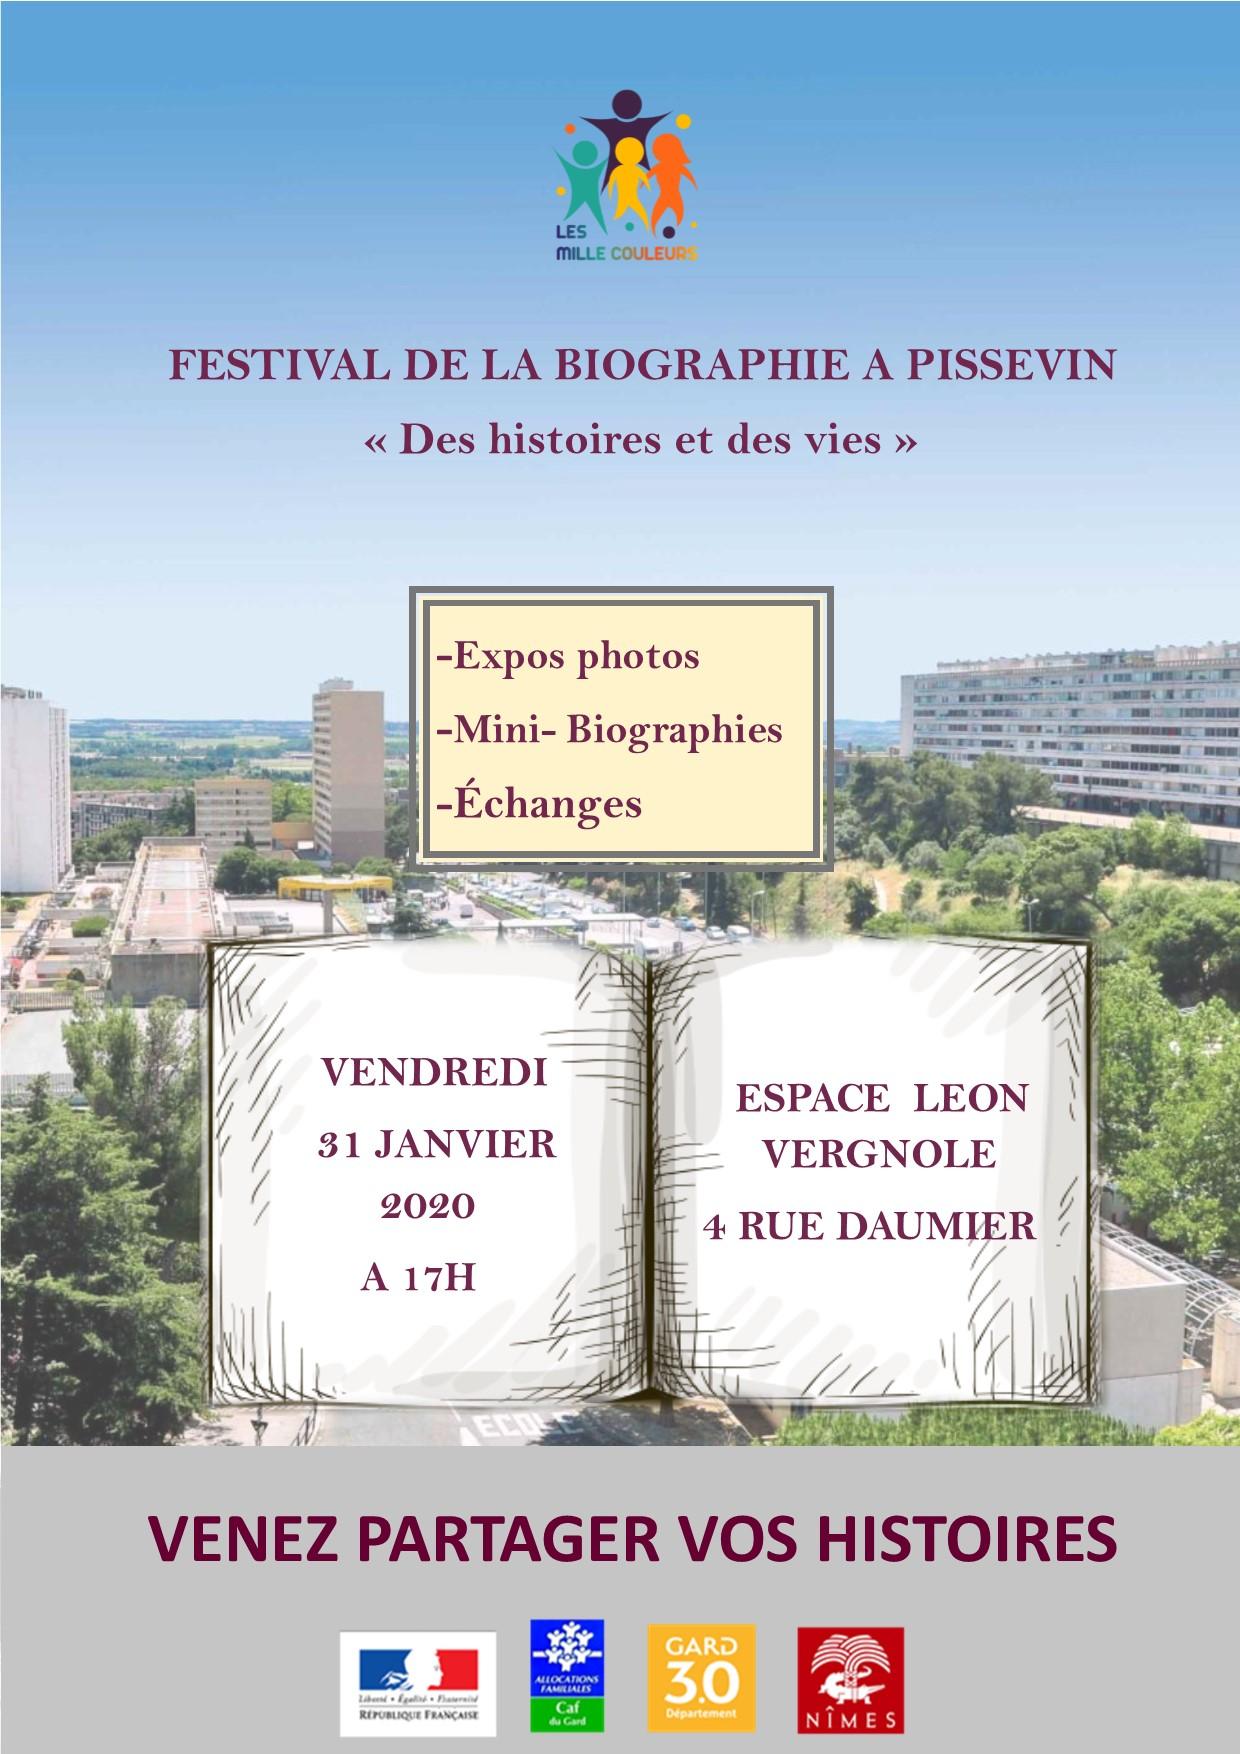 «Festival de la biographie à Pissevin» Vendredi 31 janvier 2020 à 17h à L'Espace Vergnole  (4 rue Daumier-Nîmes)